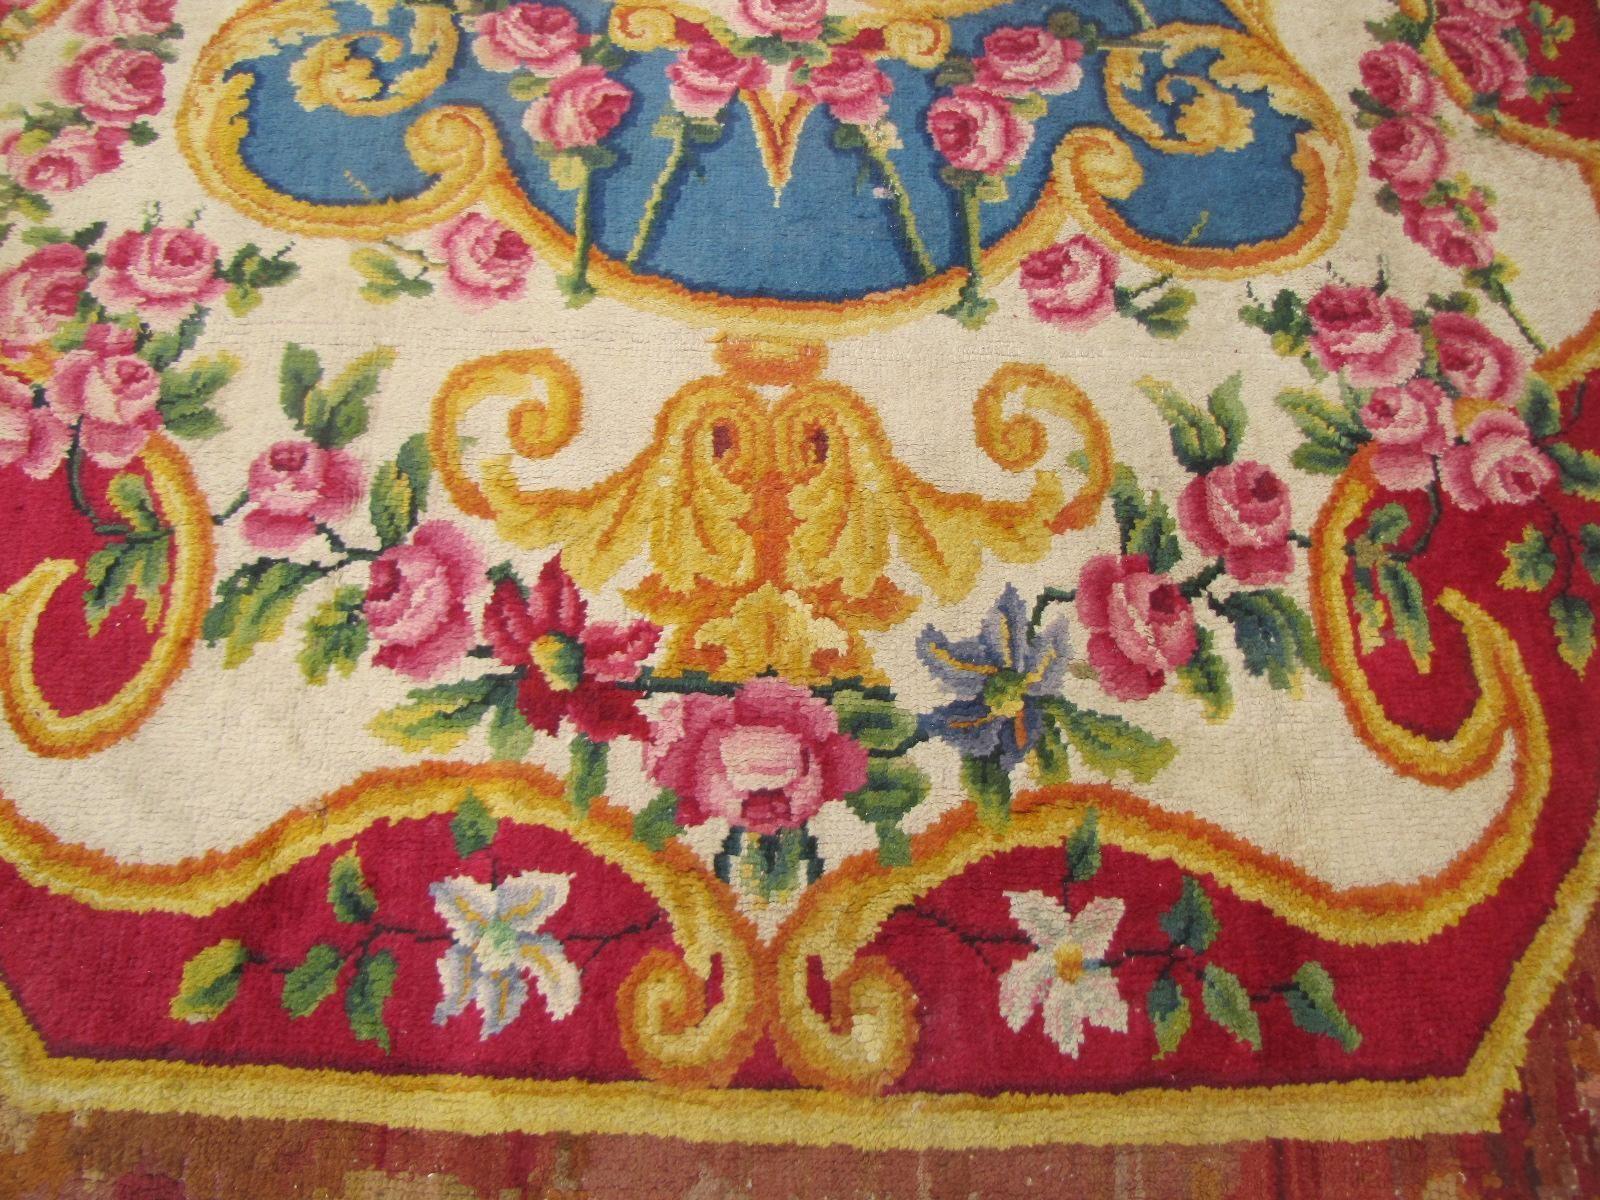 tapis ancien europeen tapis d 39 orient tapisseries d 39 aubusson anciennes savonnerie tapis. Black Bedroom Furniture Sets. Home Design Ideas